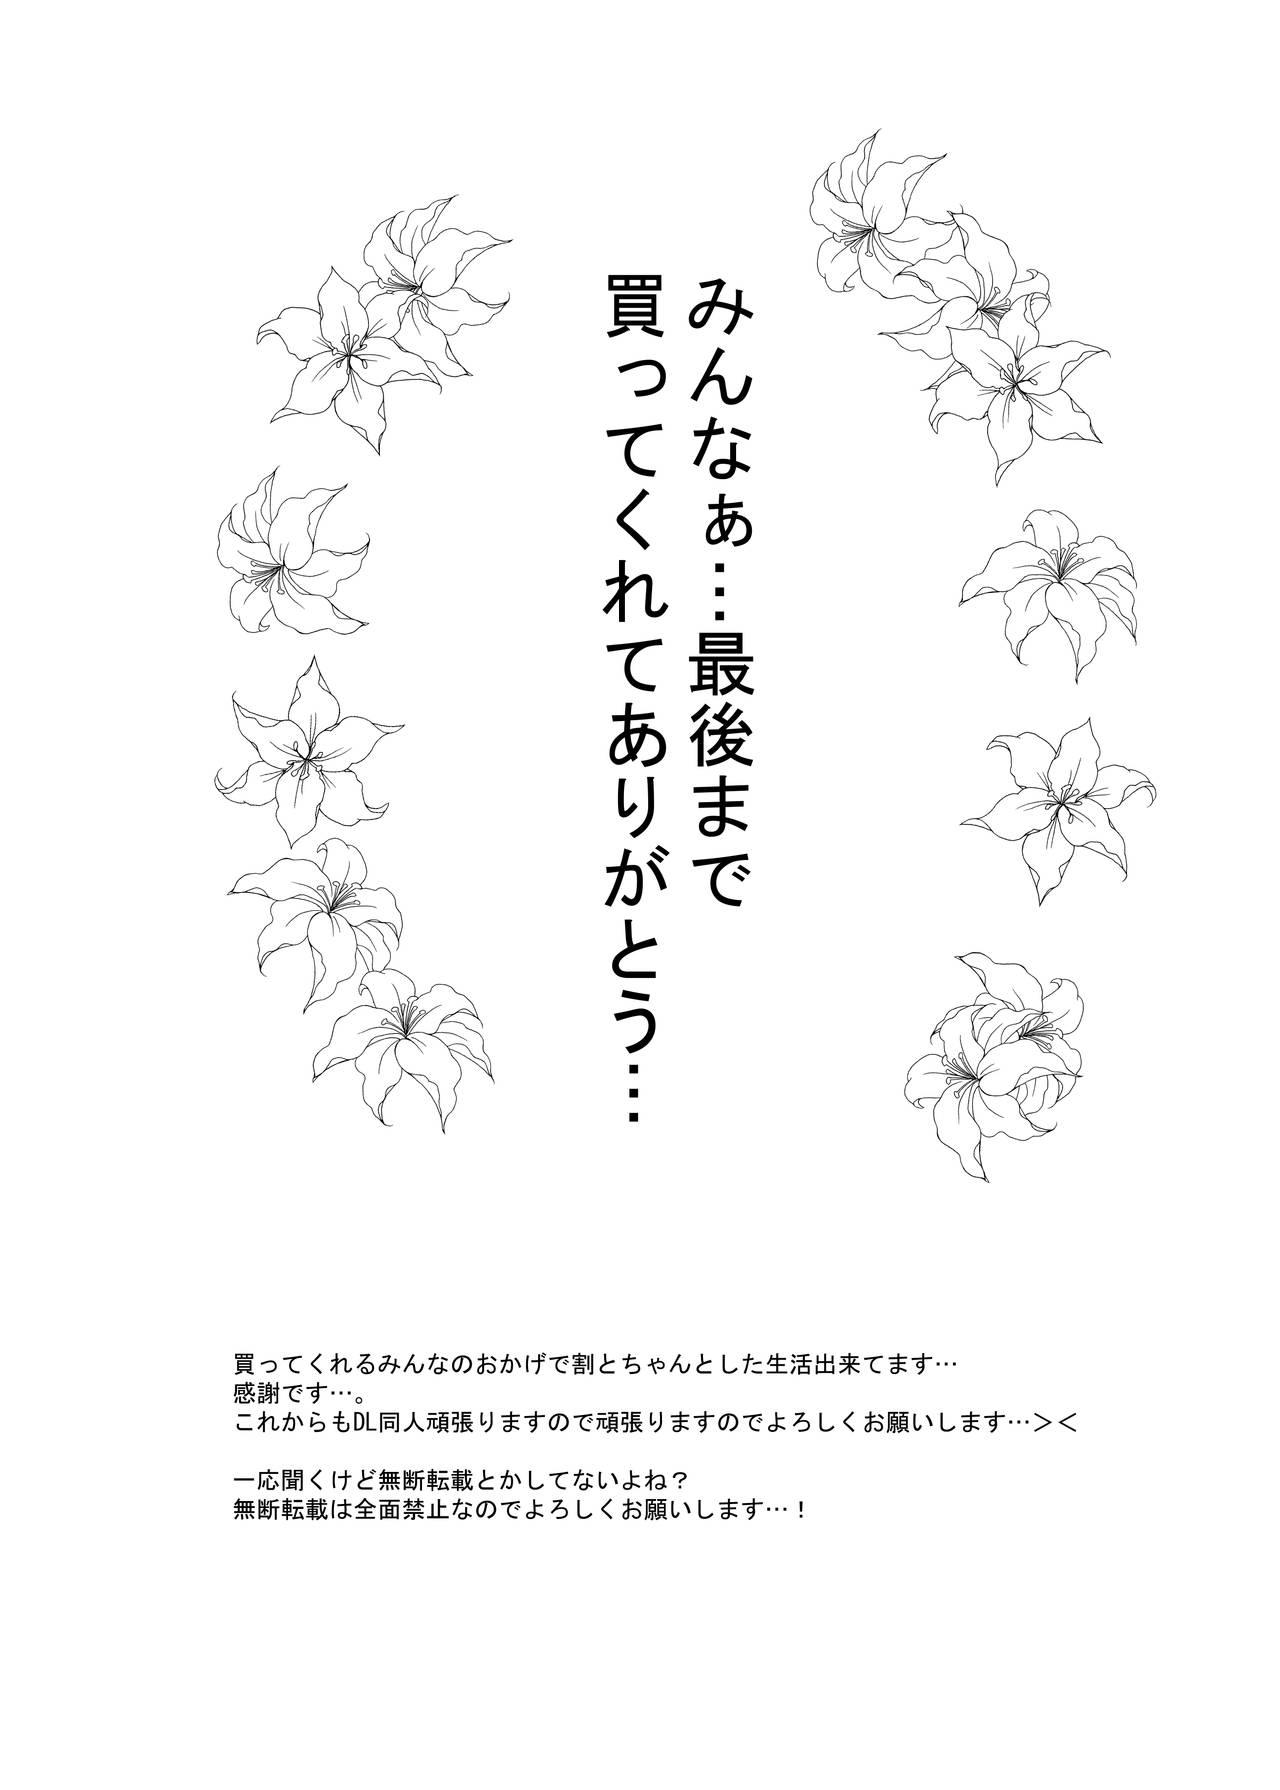 Yuri, Sakimidareru3 45